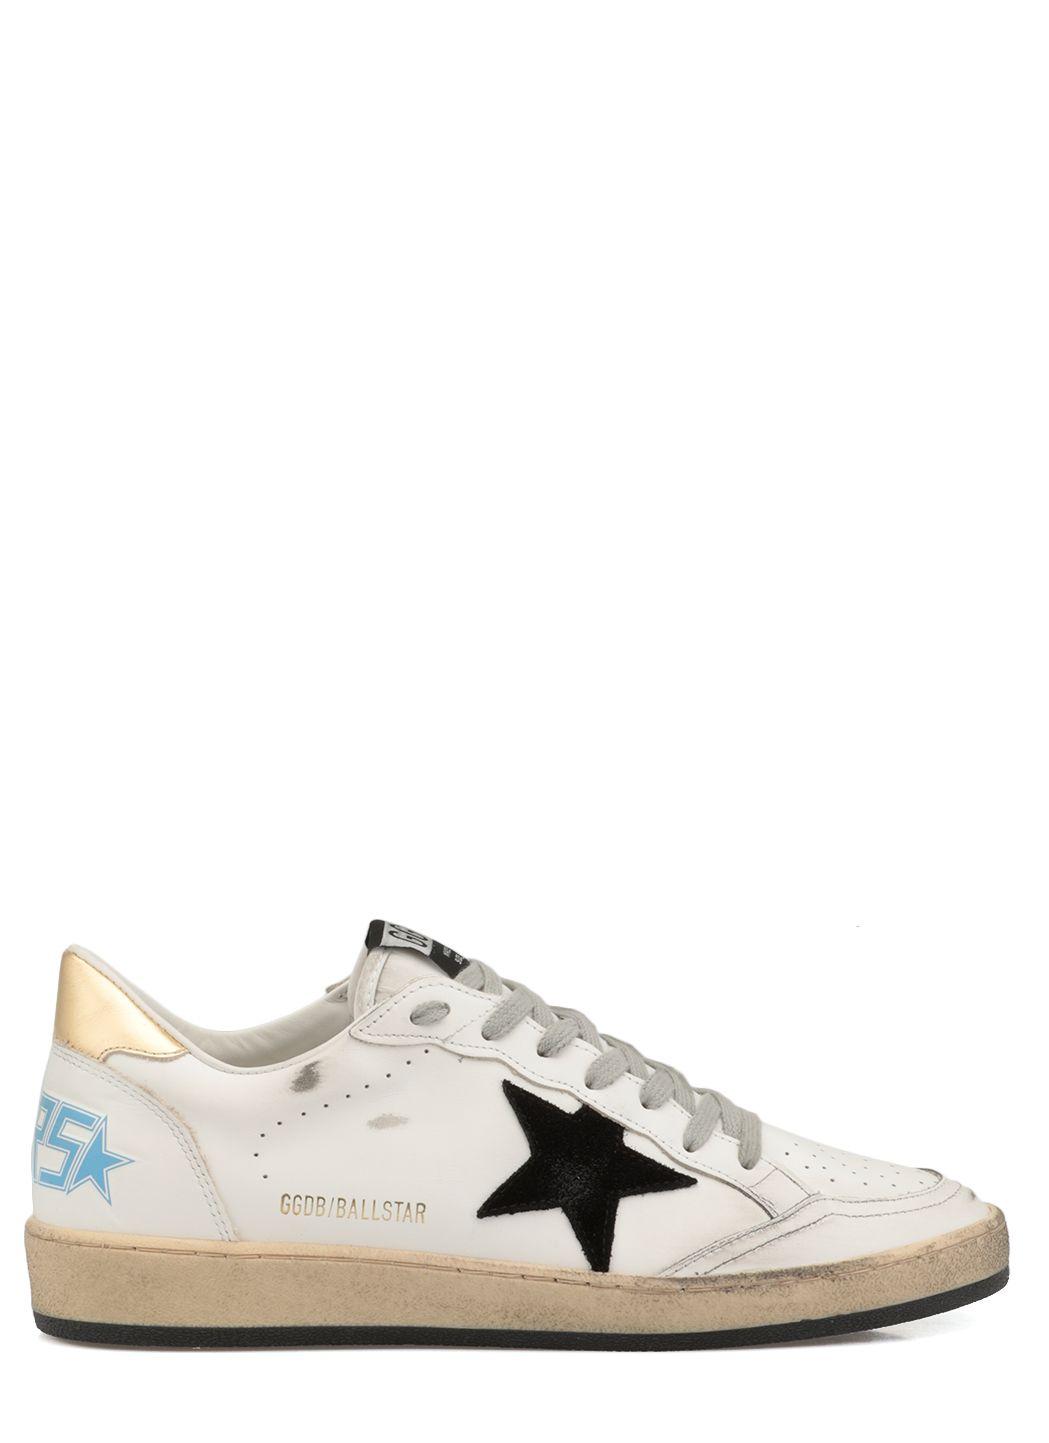 Ballstar sneaker